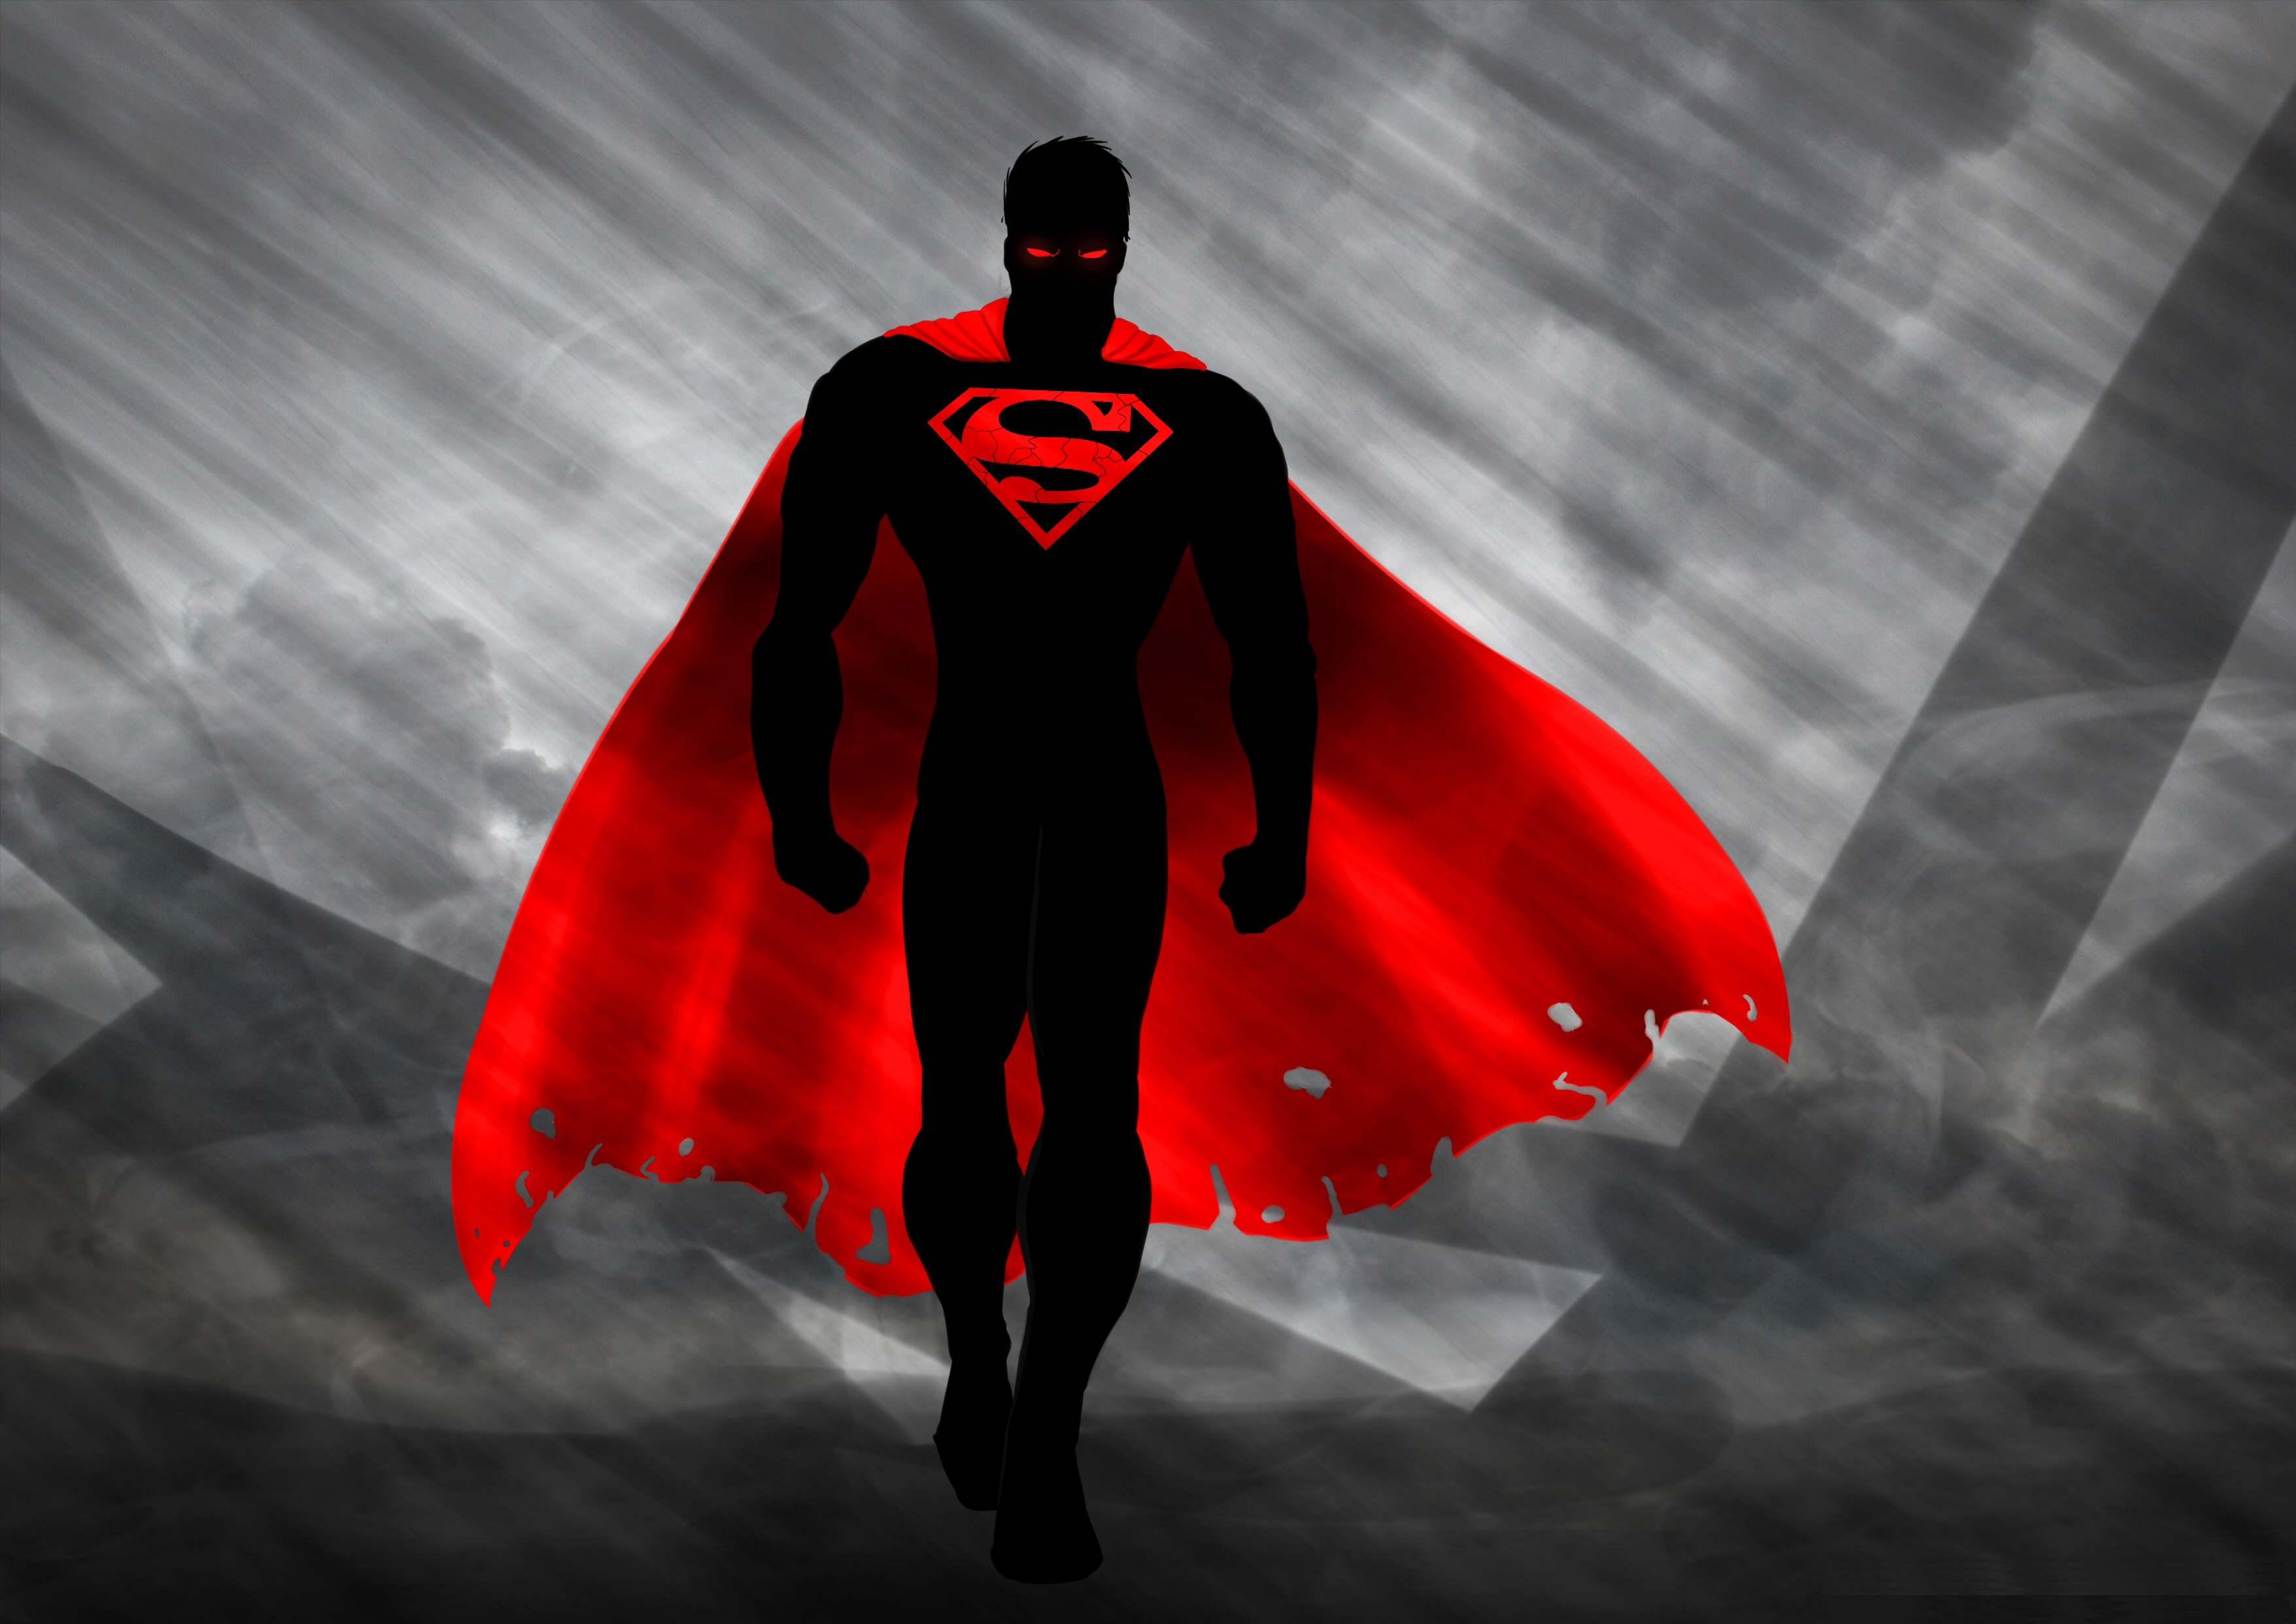 Hình nền siêu anh hùng 3507x2480 HD